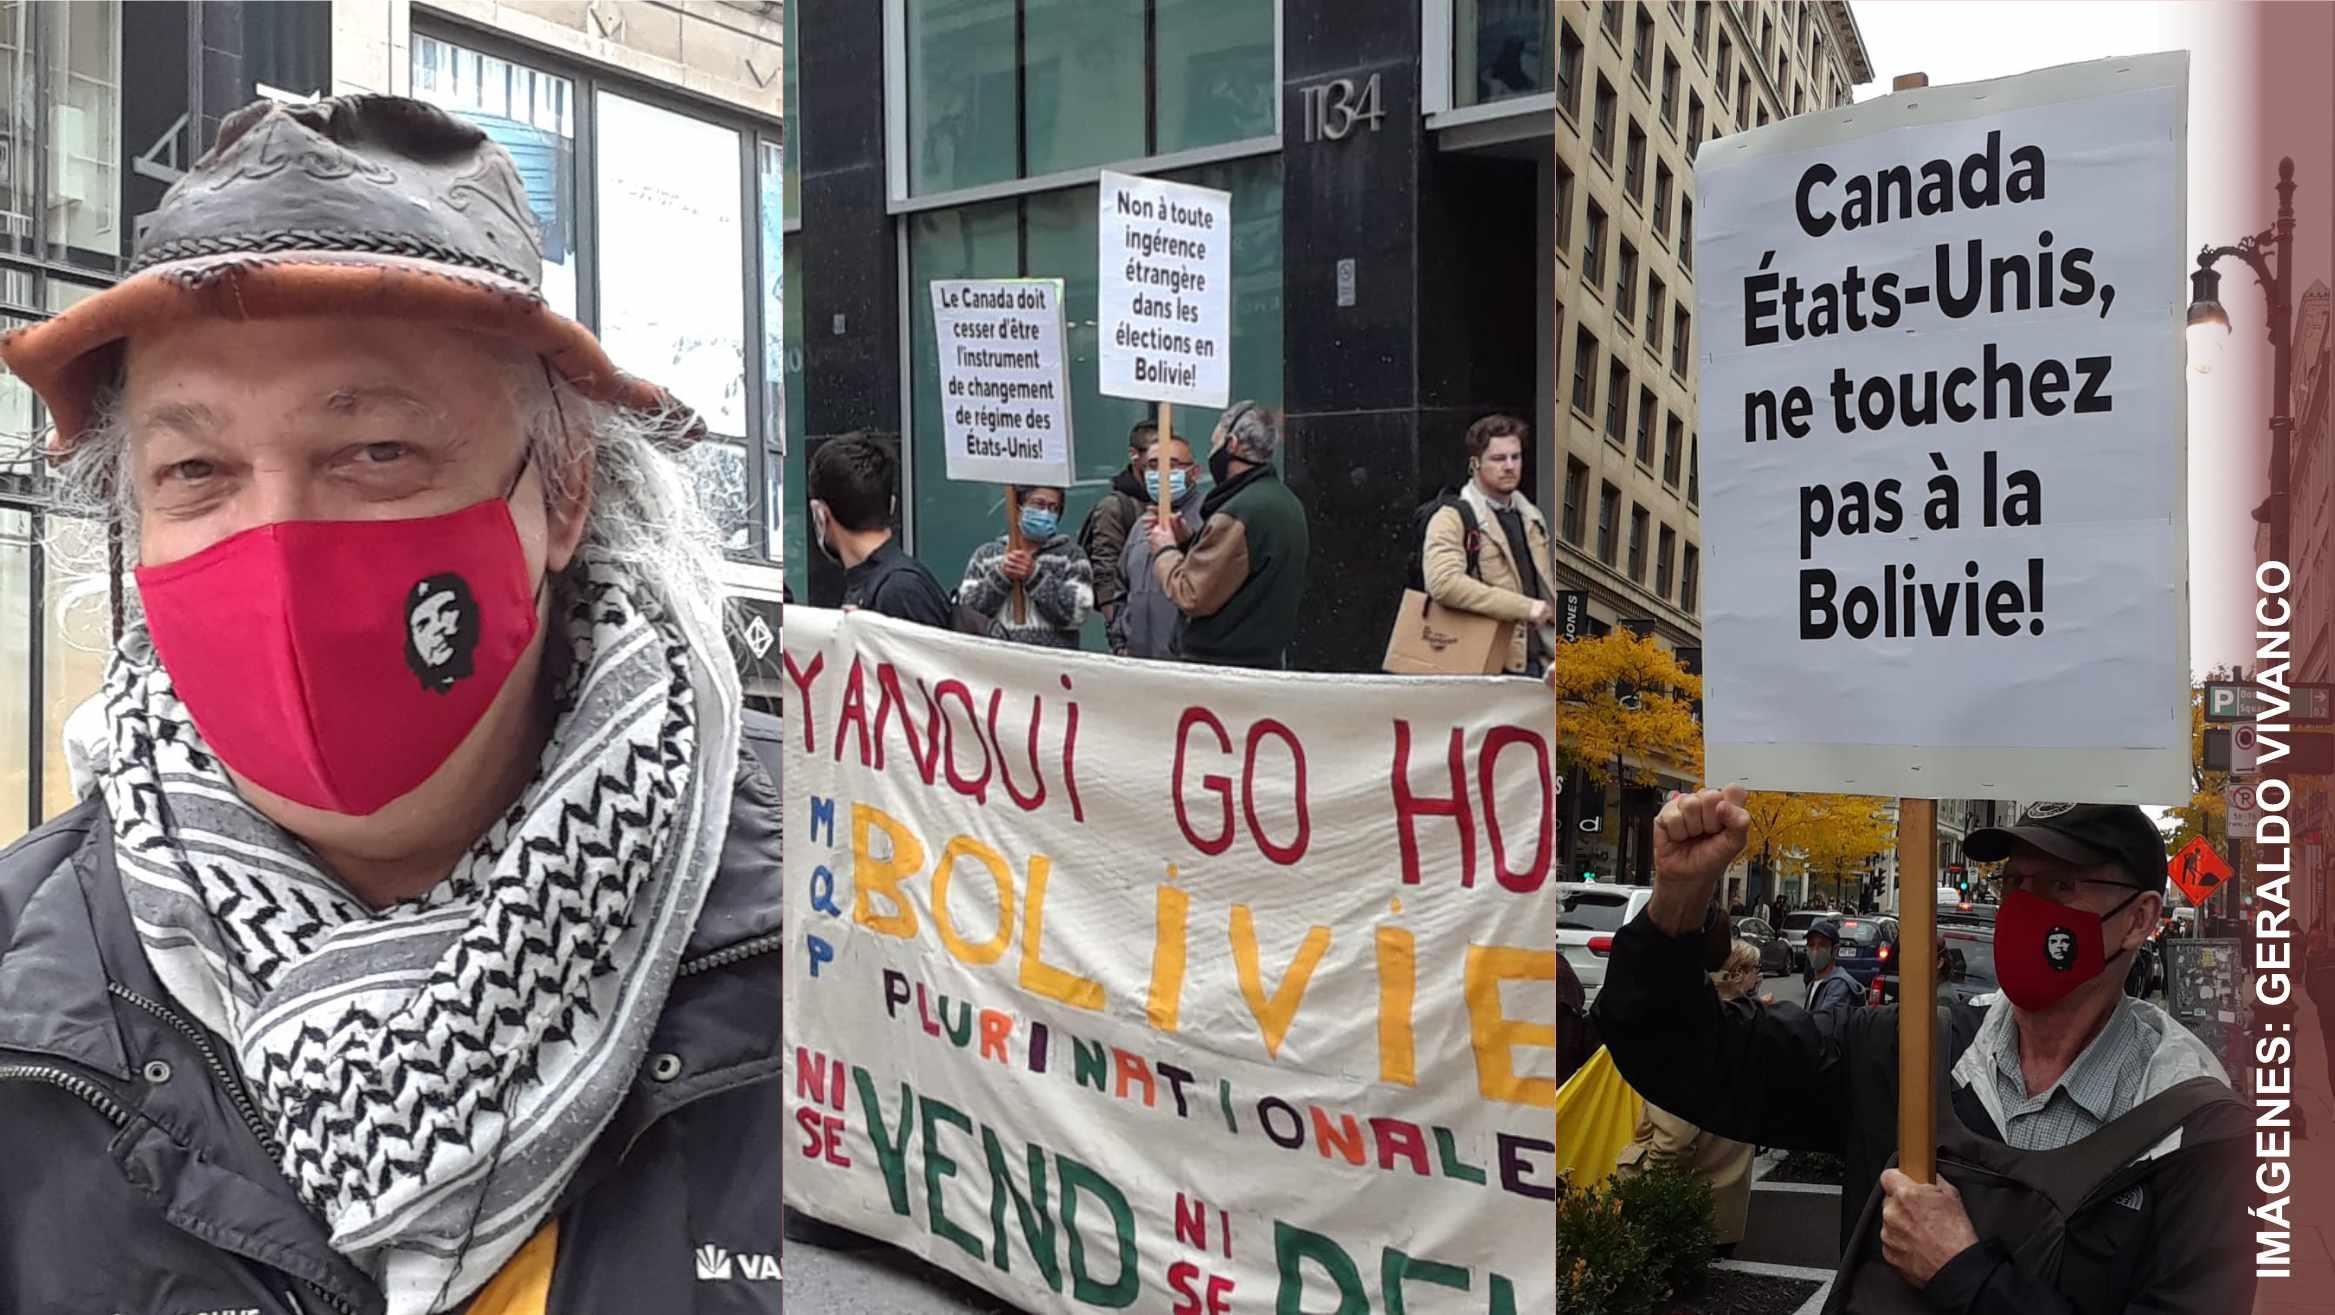 Manifestaciones de apoyo a Chile y Bolivia en Montreal